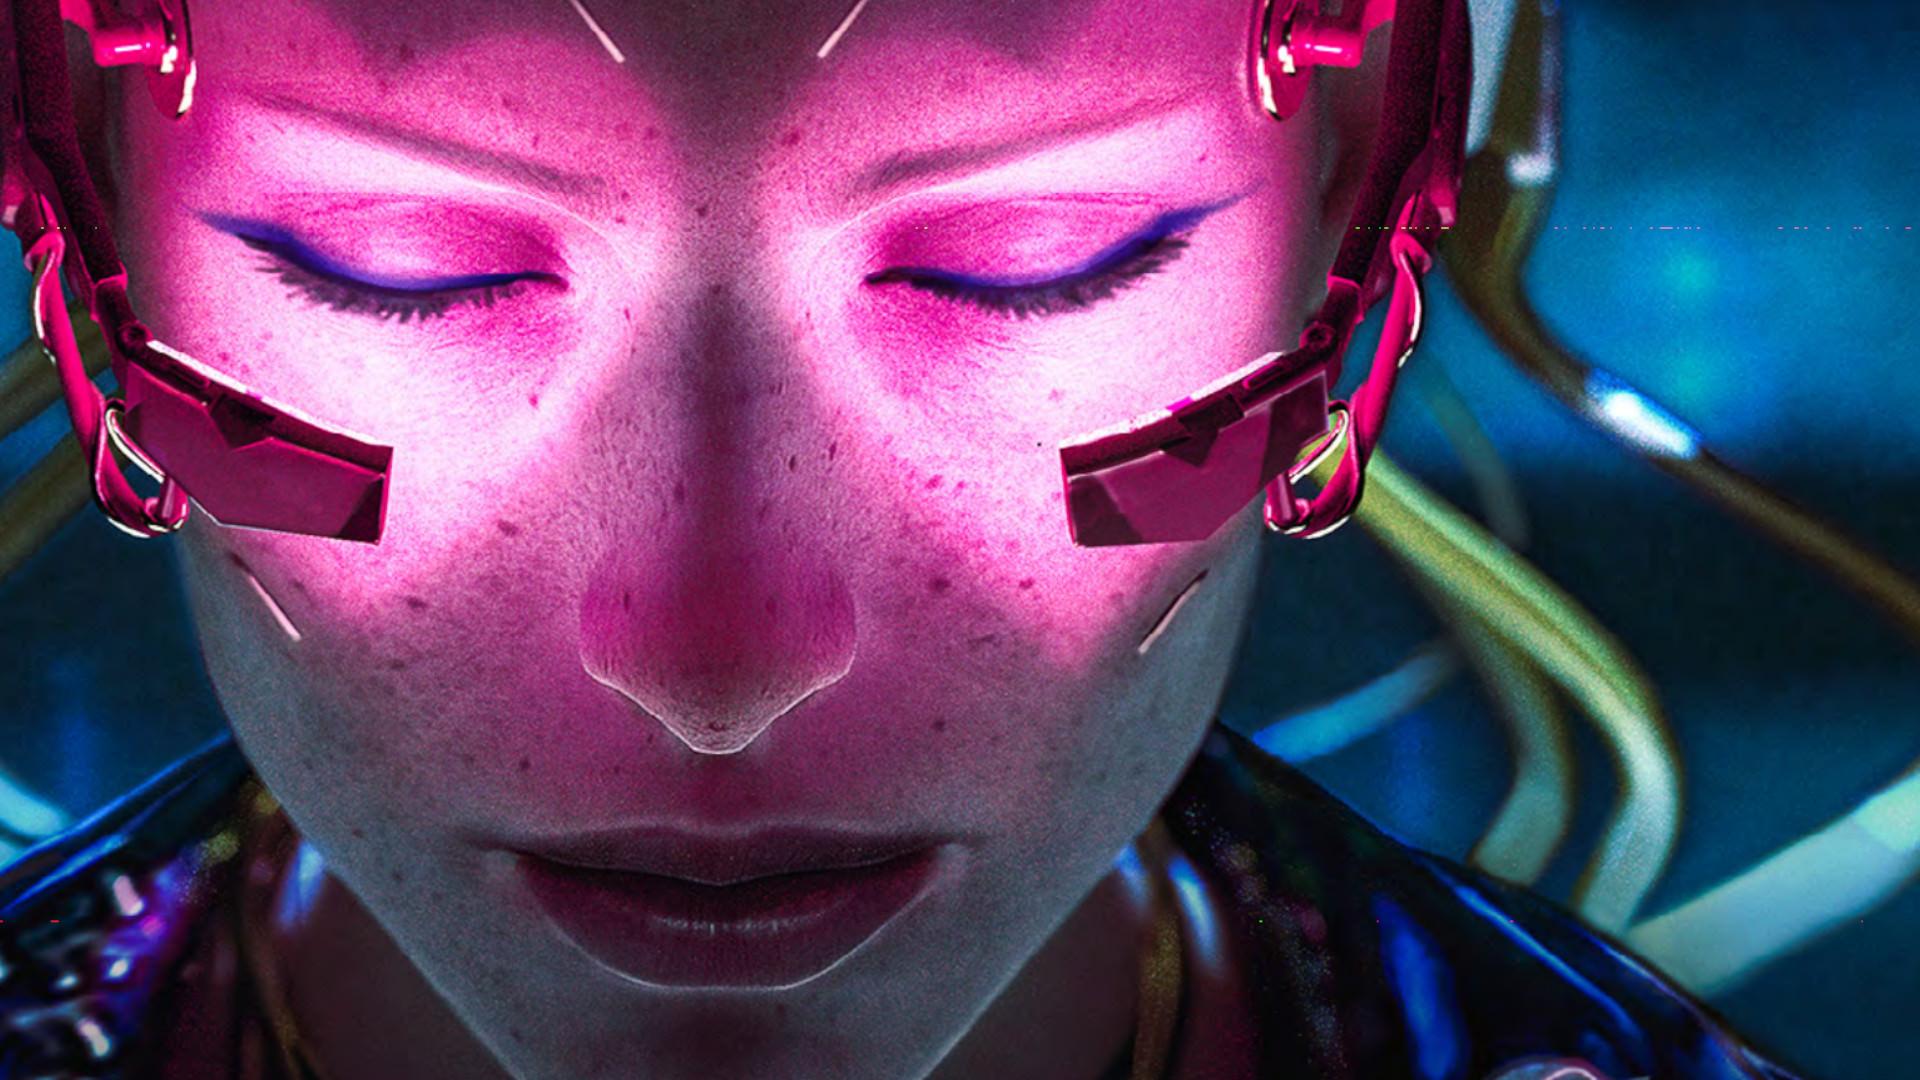 سی دی پراجکت رد شایعه تأخیر مجدد Cyberpunk 2077 را تکذیب کرد